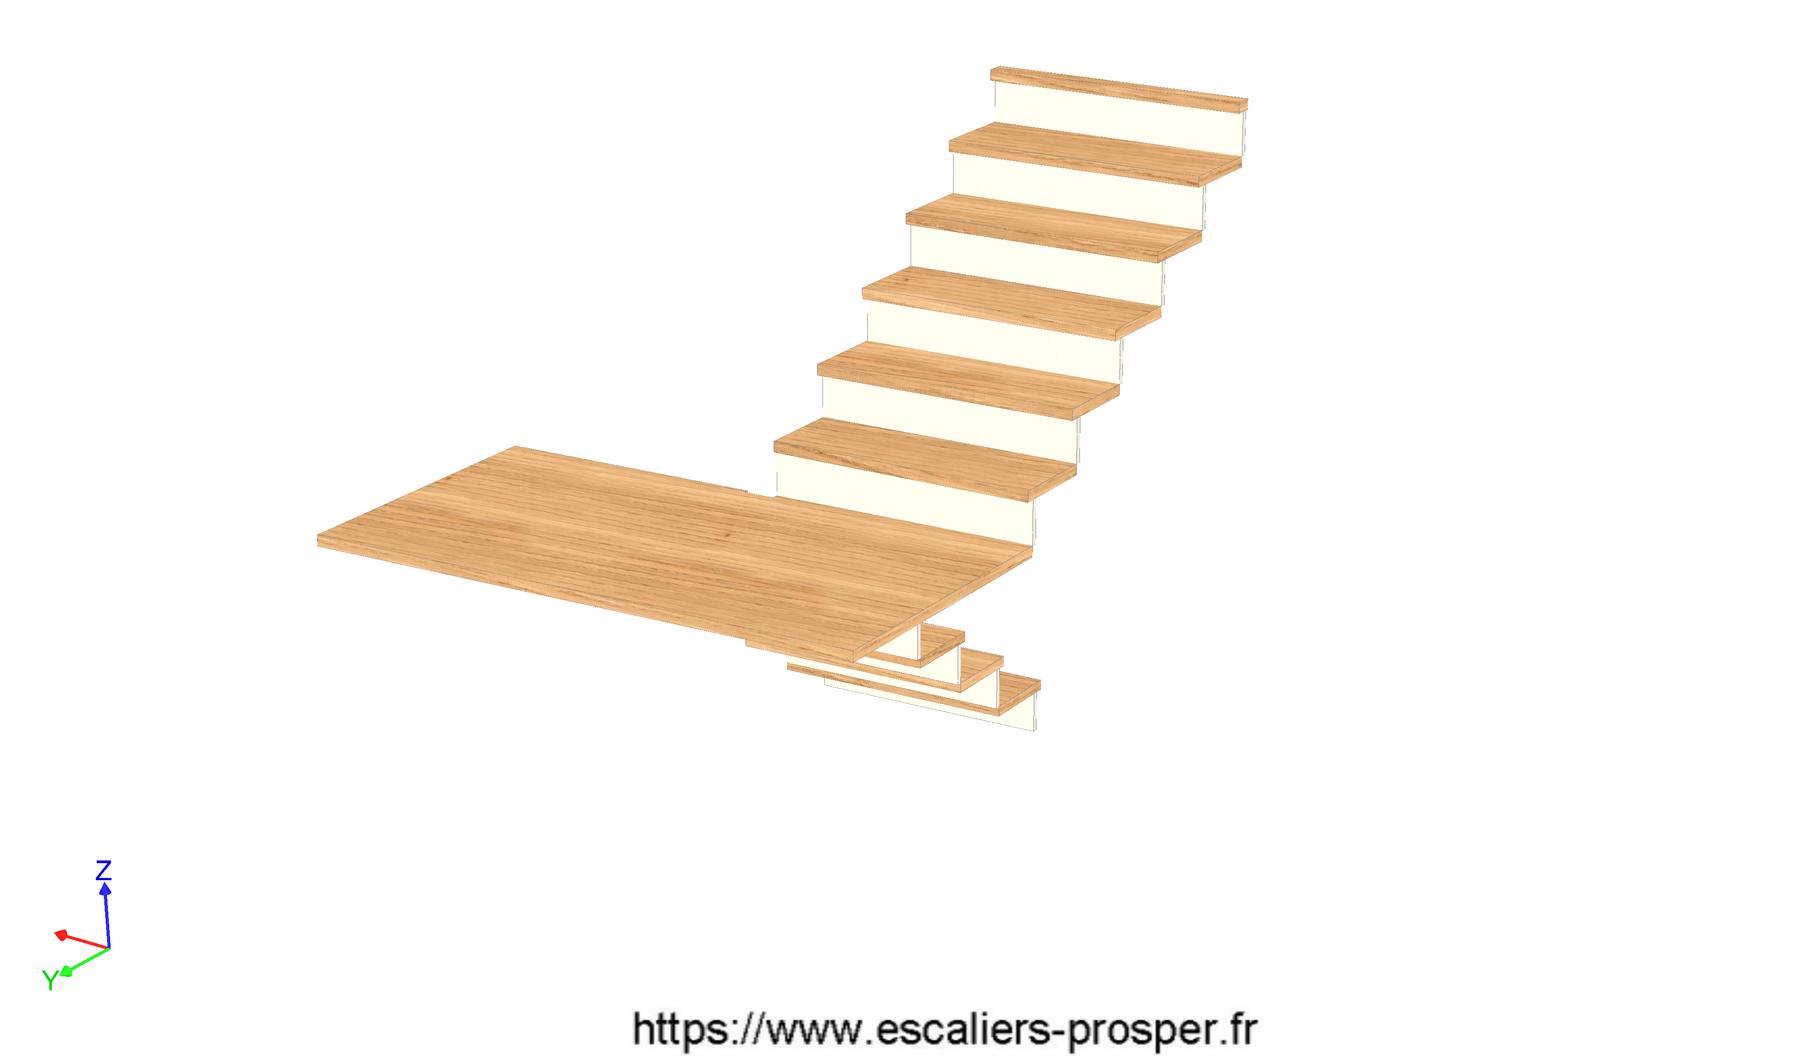 habillage d 39 escalier b ton e15 119 escaliers prosper sp cialiste de la conception la pose. Black Bedroom Furniture Sets. Home Design Ideas